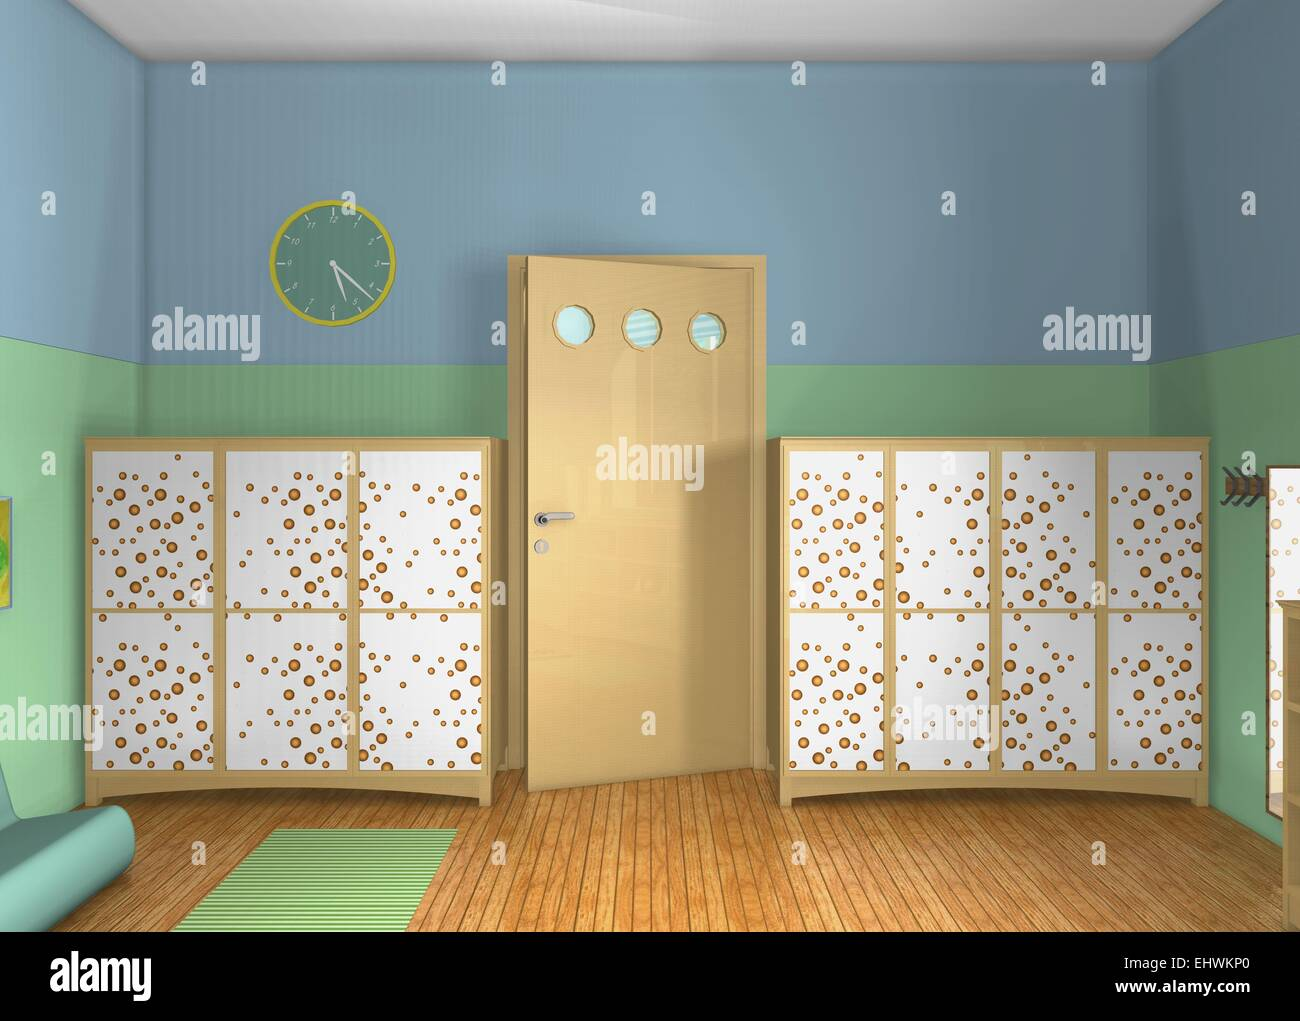 kinderzimmer von maria montessori inspiriert 3d ansicht von oben design kleinkinder zimmer. Black Bedroom Furniture Sets. Home Design Ideas